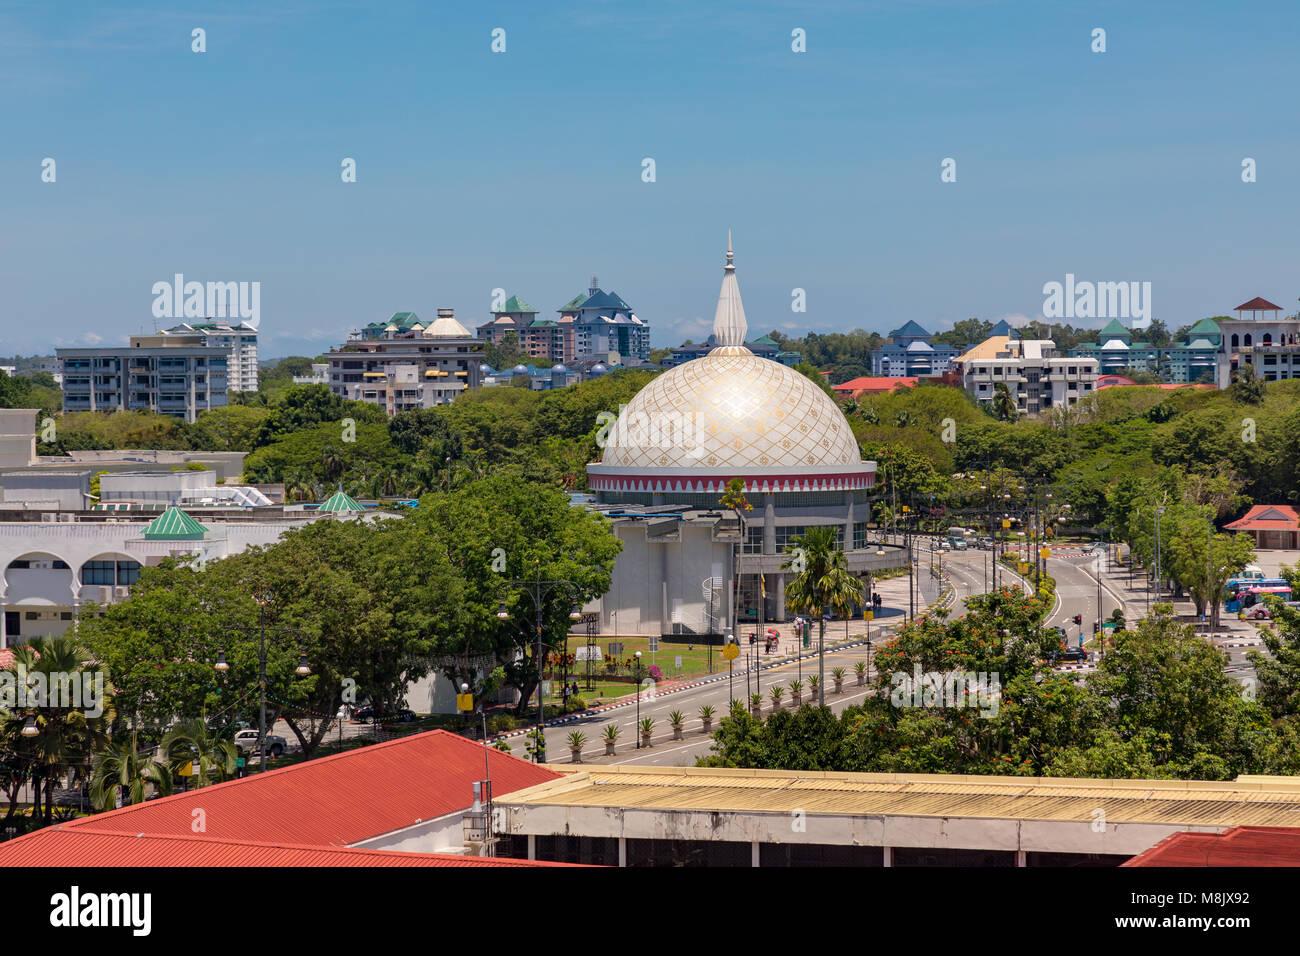 Brunei Darussalam, Bandar Seri Begawan, The dome of the royal regalia museum. - Stock Image